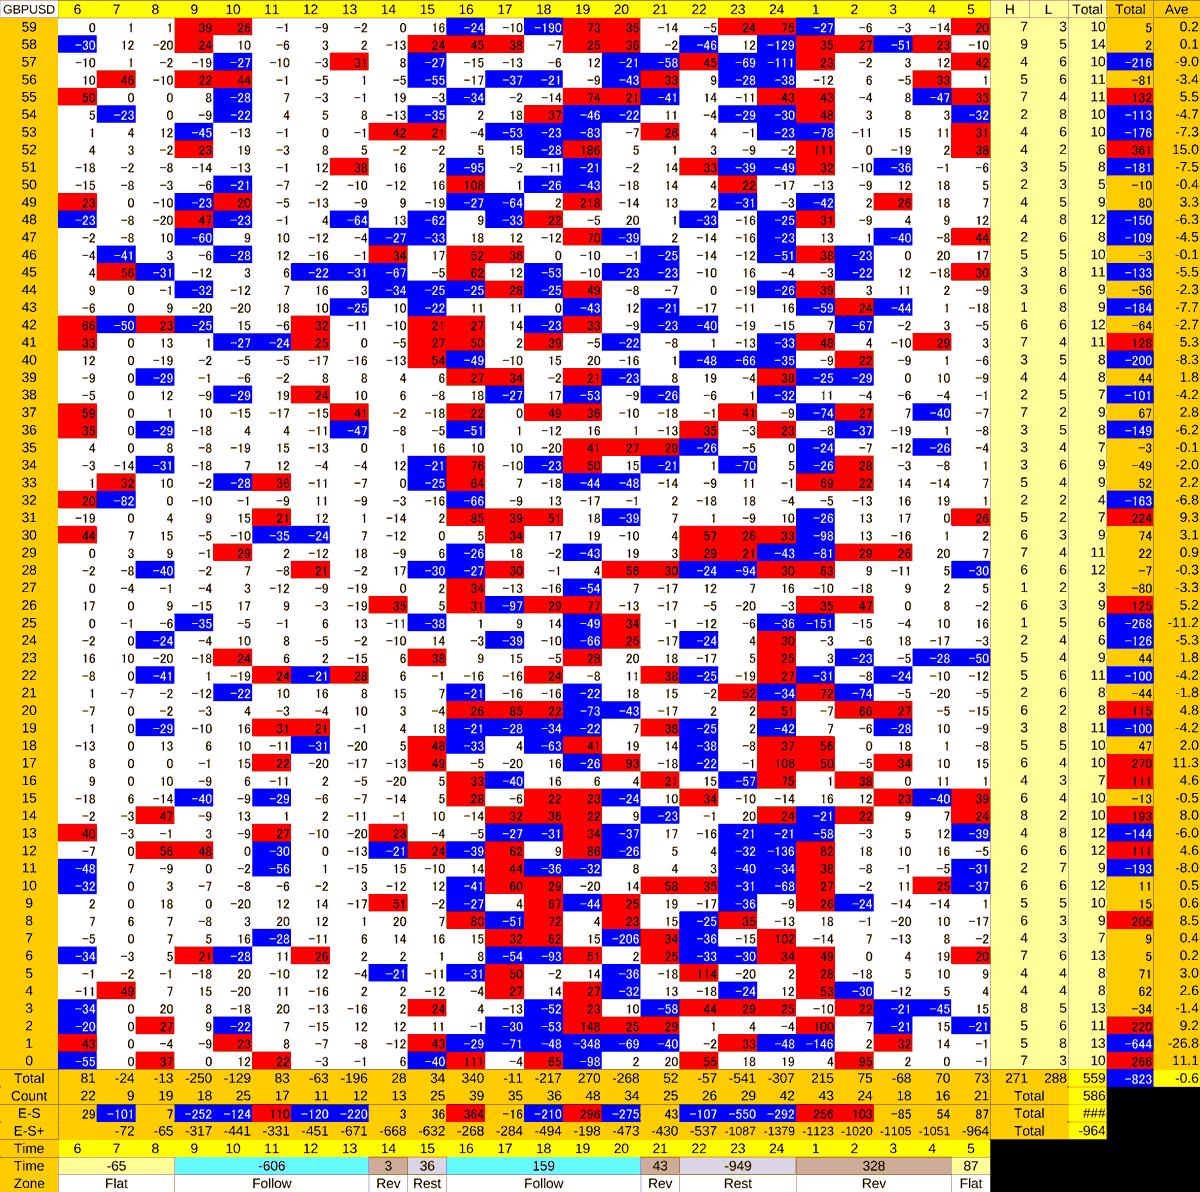 20201222_HS(2)GBPUSD